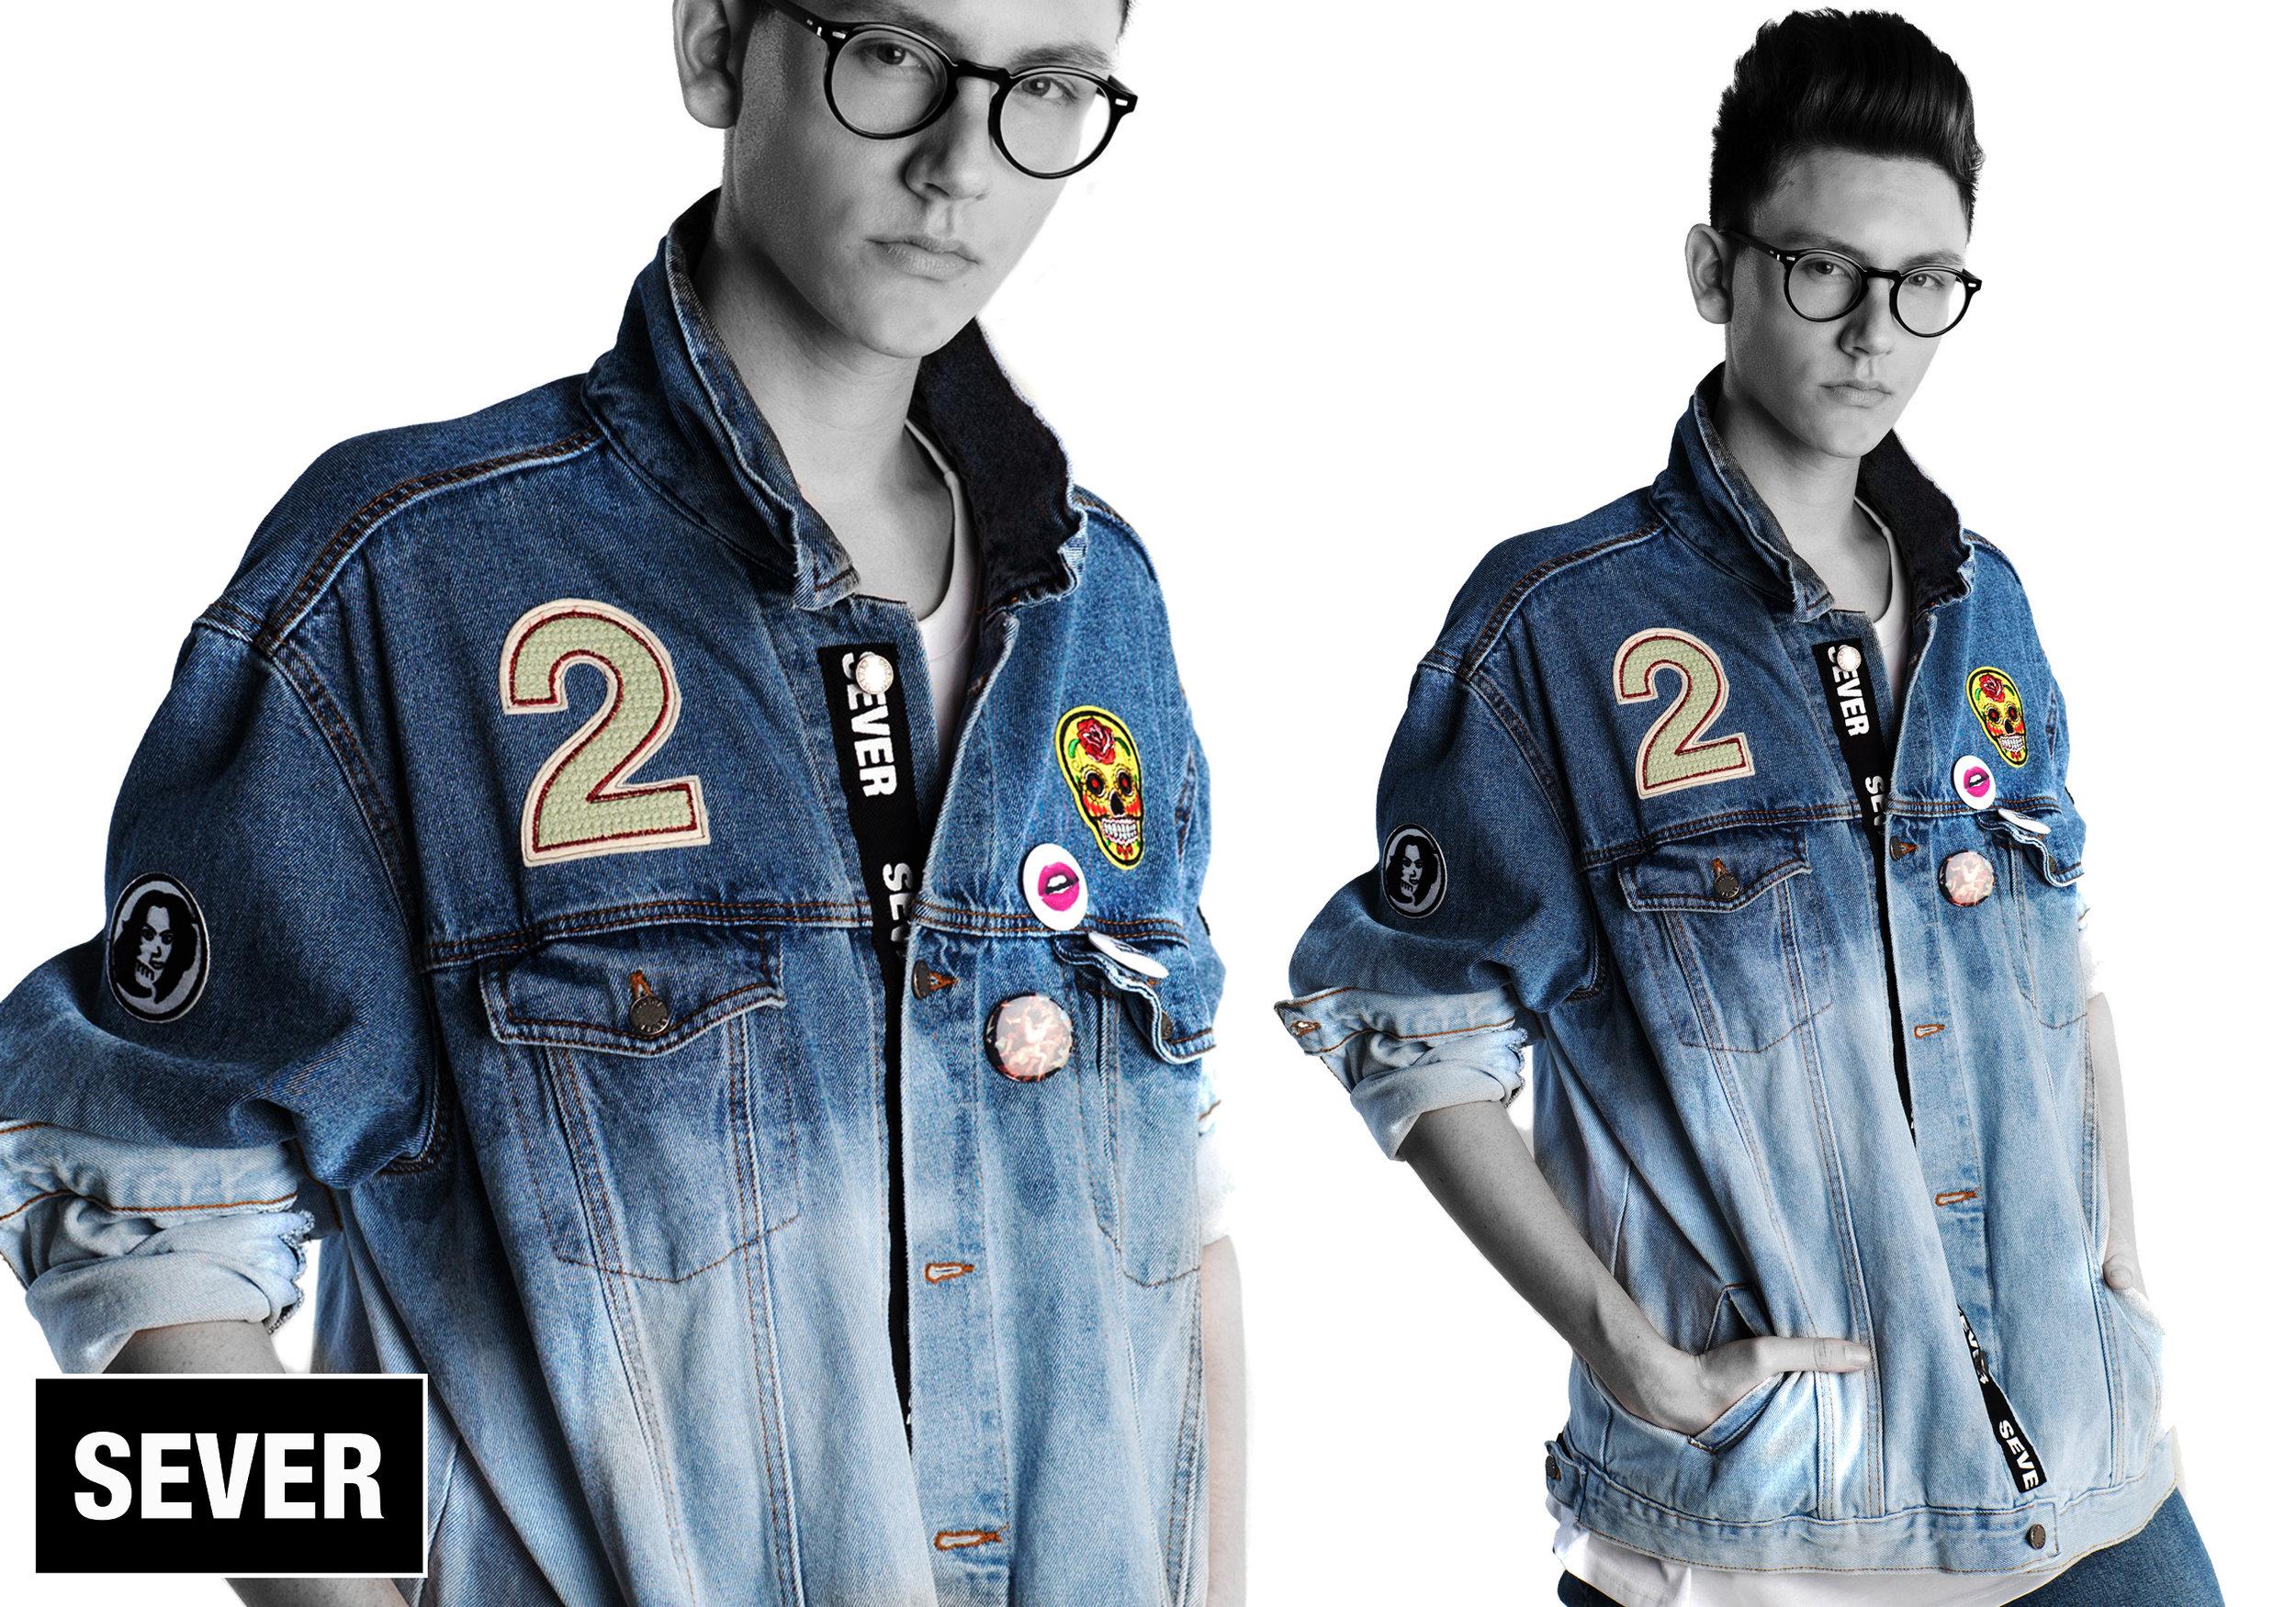 robert-sever-streetwear-kolekcija-2018-hrvatski-dizajner (4).jpg